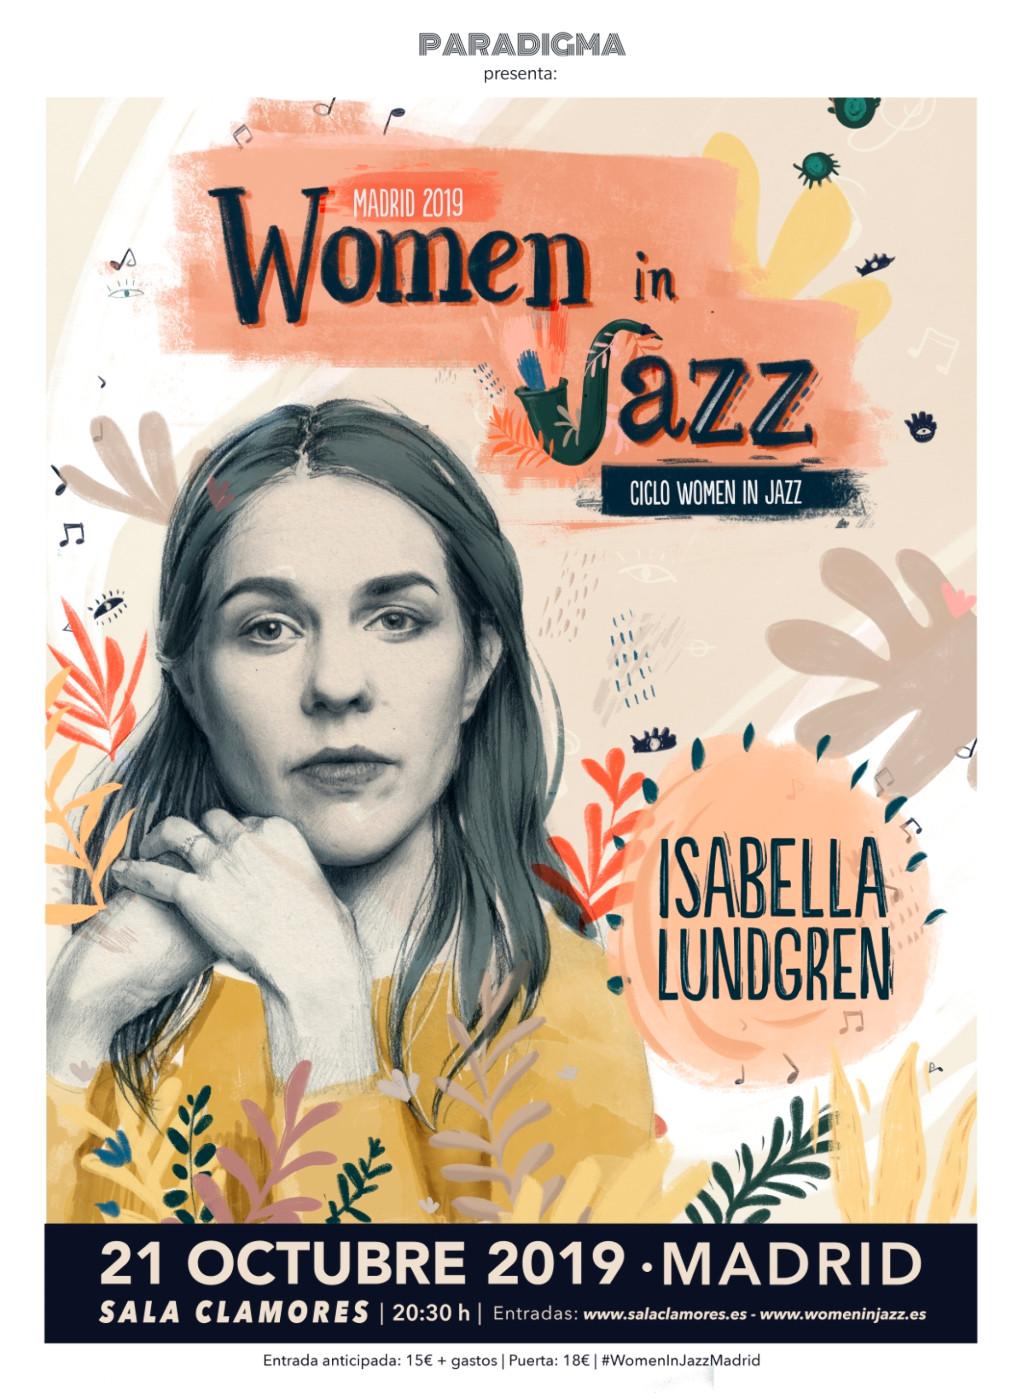 Women in Jazz: Isabella Lundgren